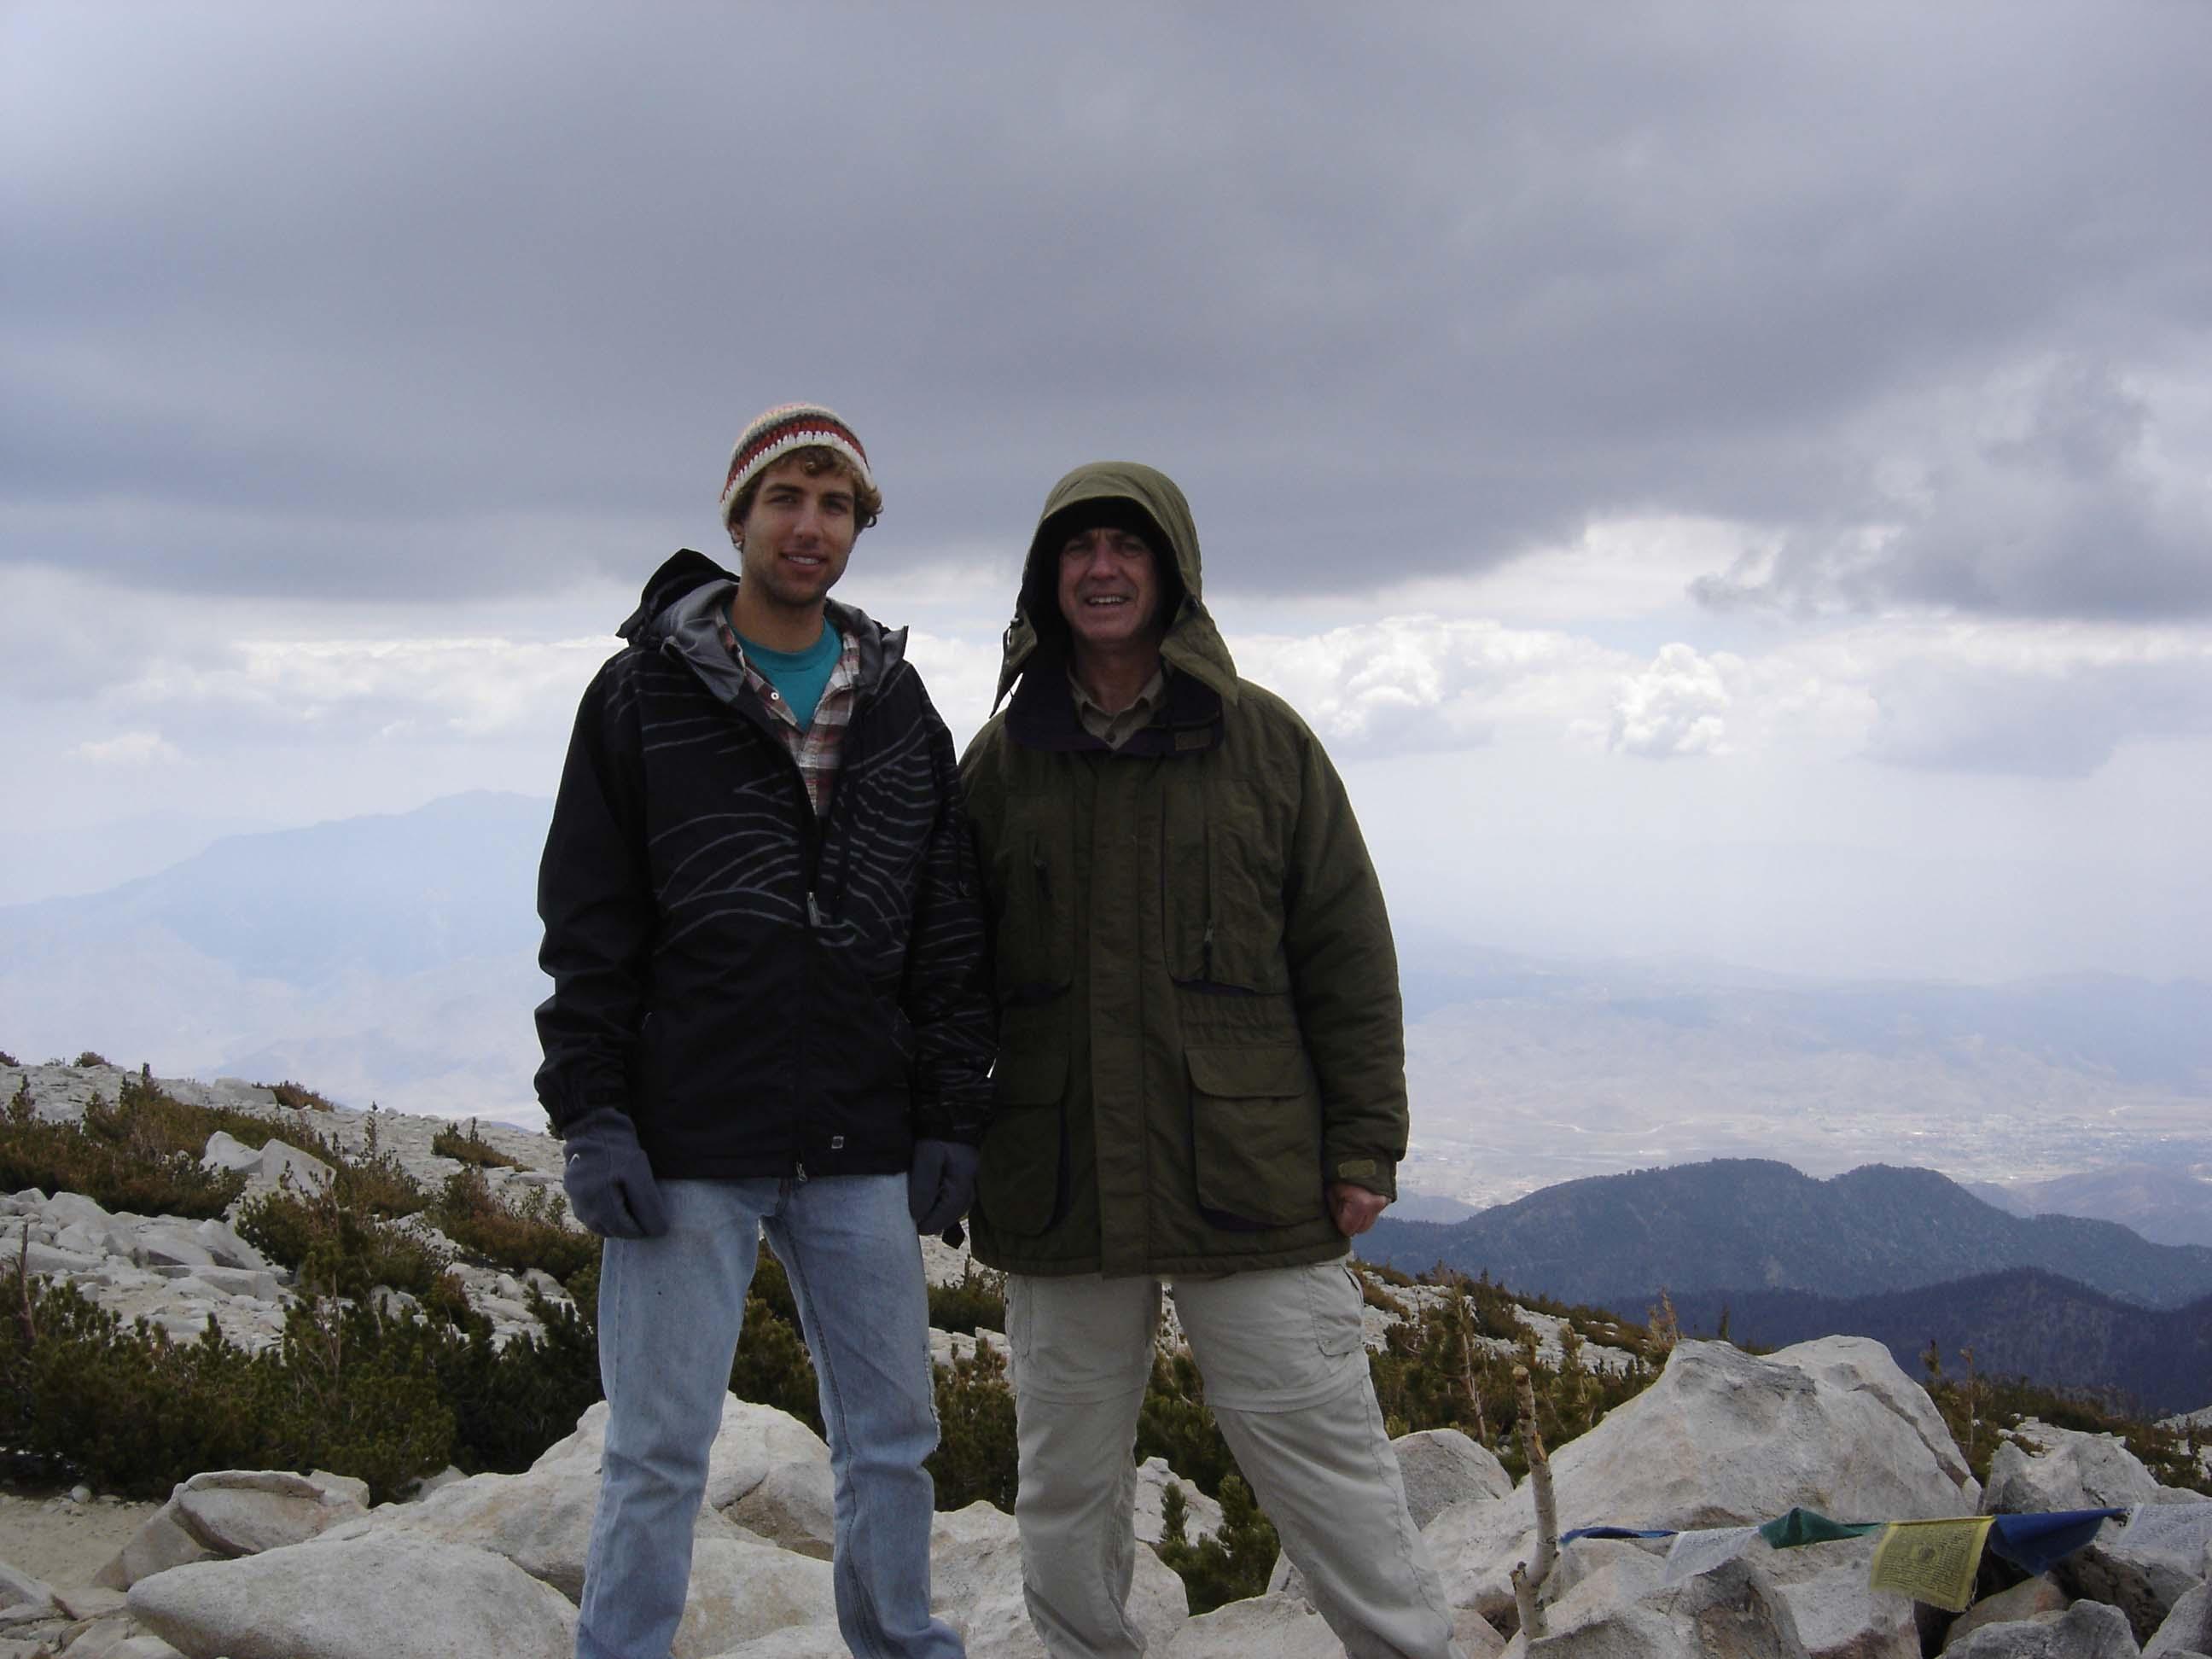 Boys on the Peak